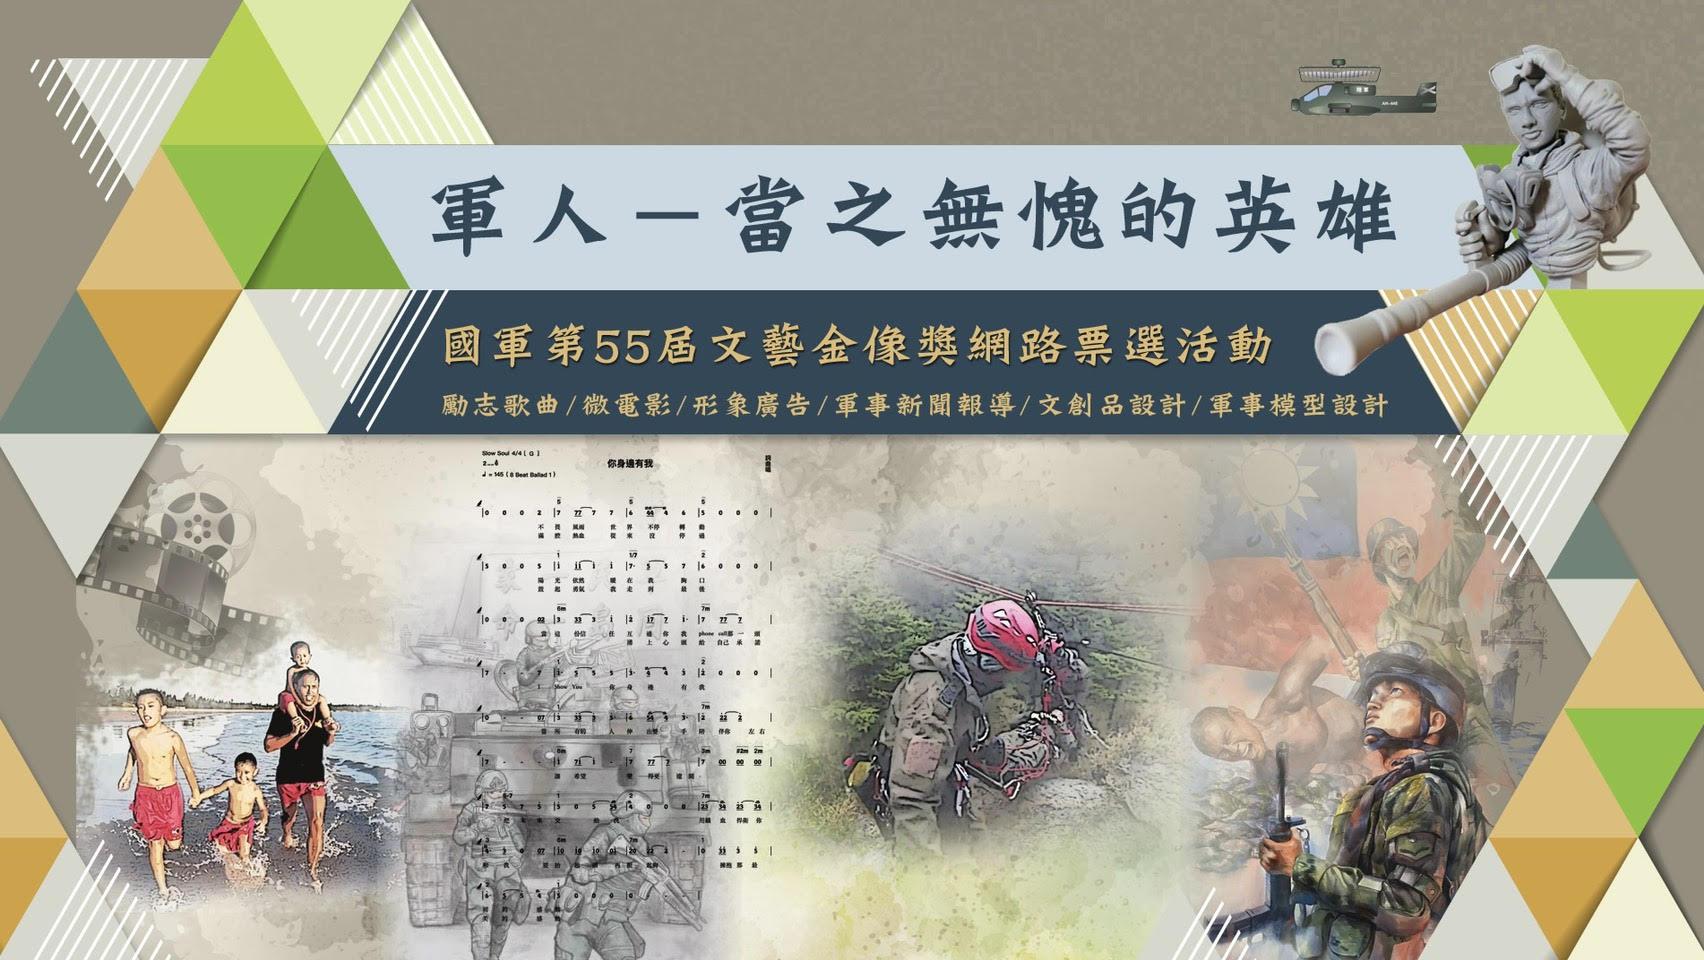 「軍人 - 當之無愧的英雄」國軍第55屆文藝金像獎網路票選活動